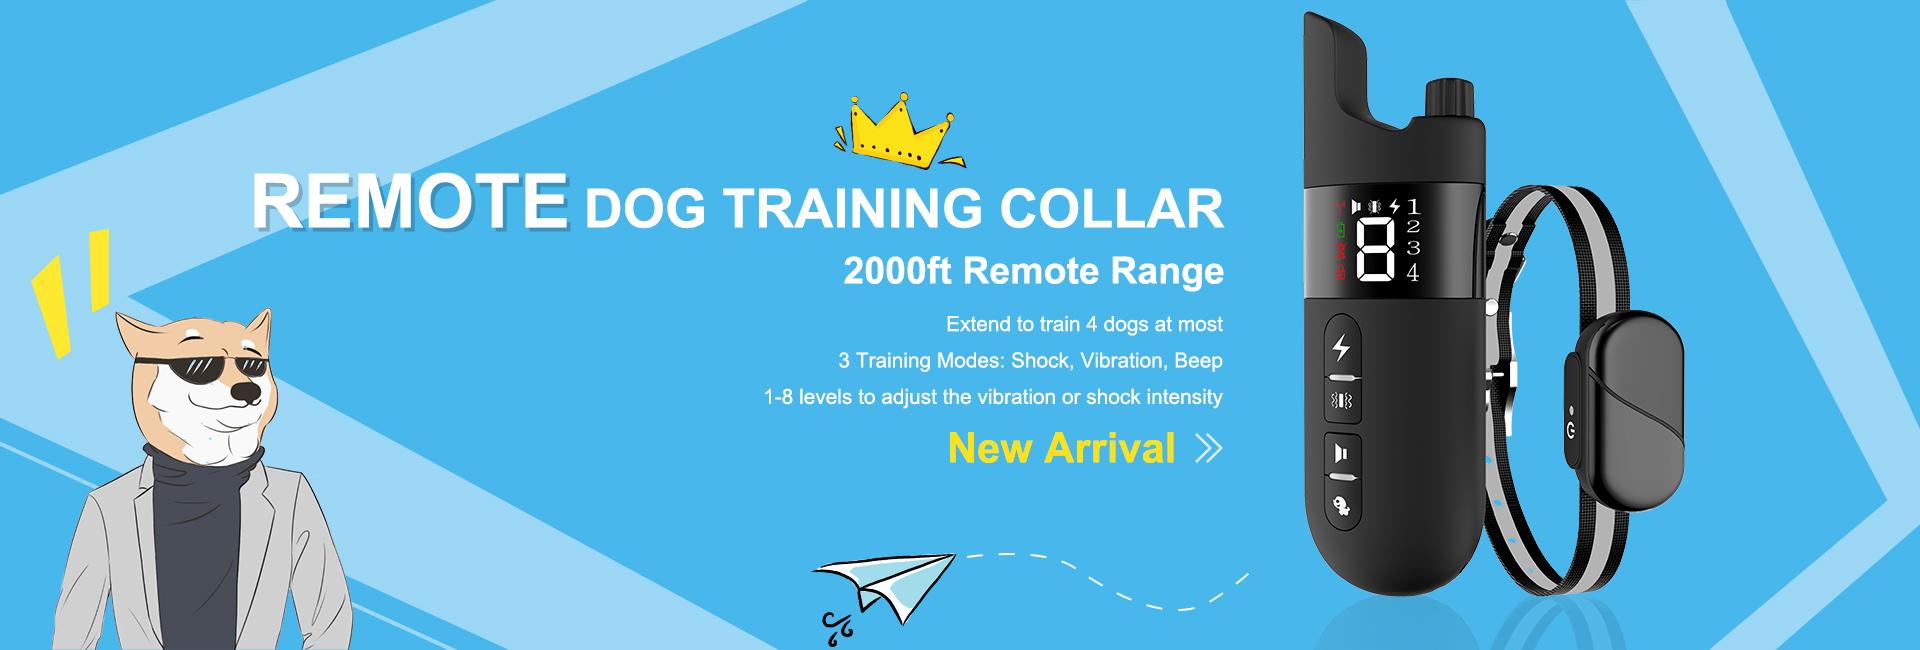 Νέο προϊόν USB επαναφορτιζόμενο κολάρο απομακρυσμένης εκπαίδευσης σκύλου αδιάβροχο